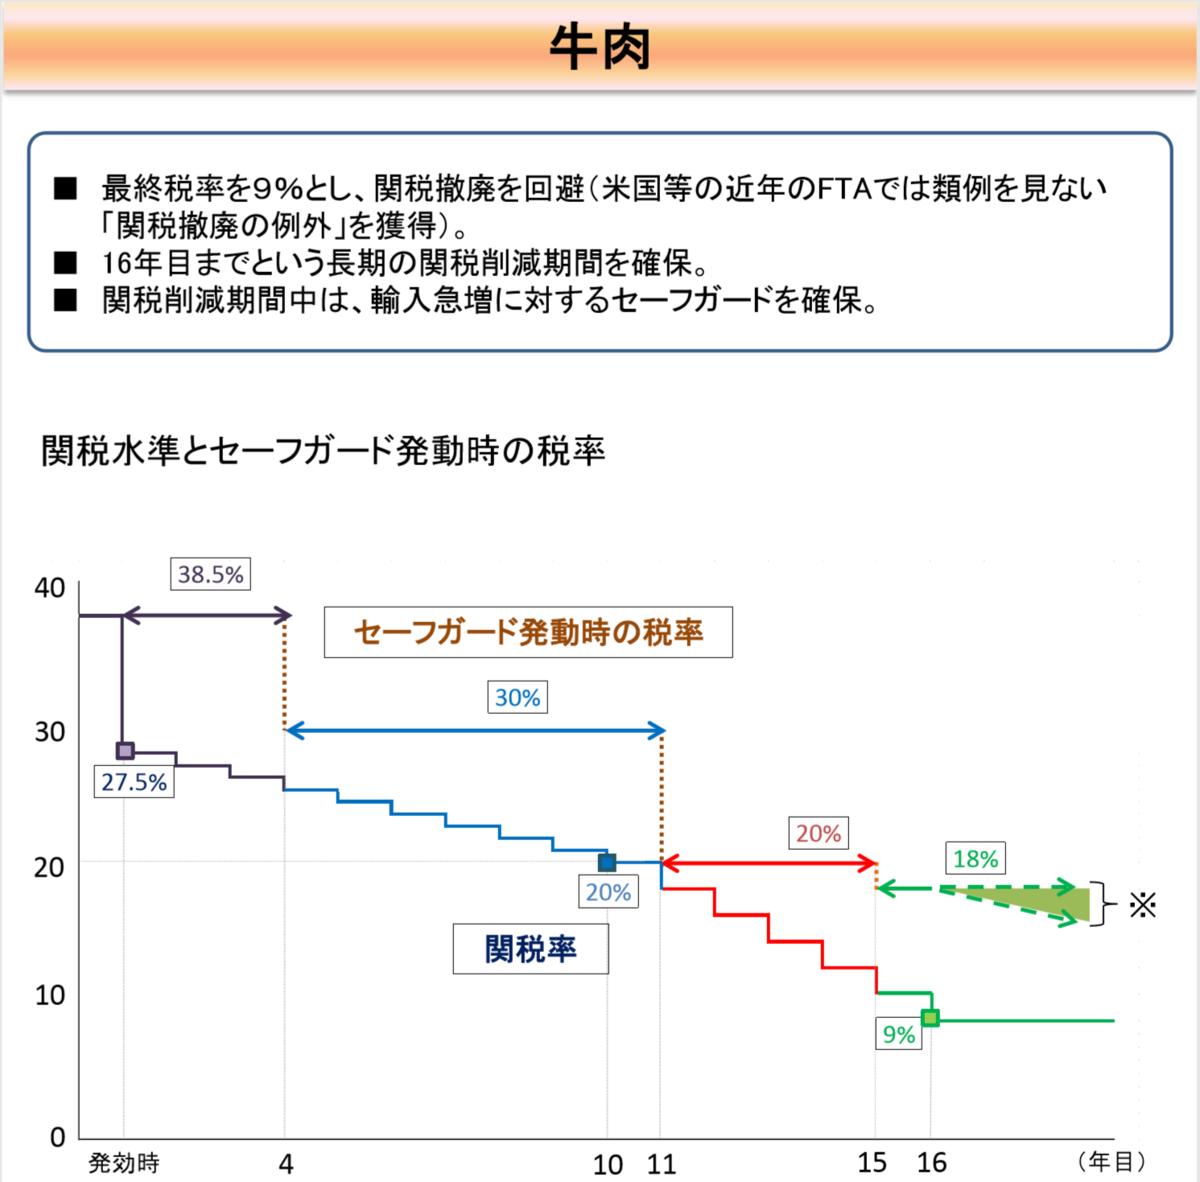 f:id:kaikakujapan:20190826141733p:plain